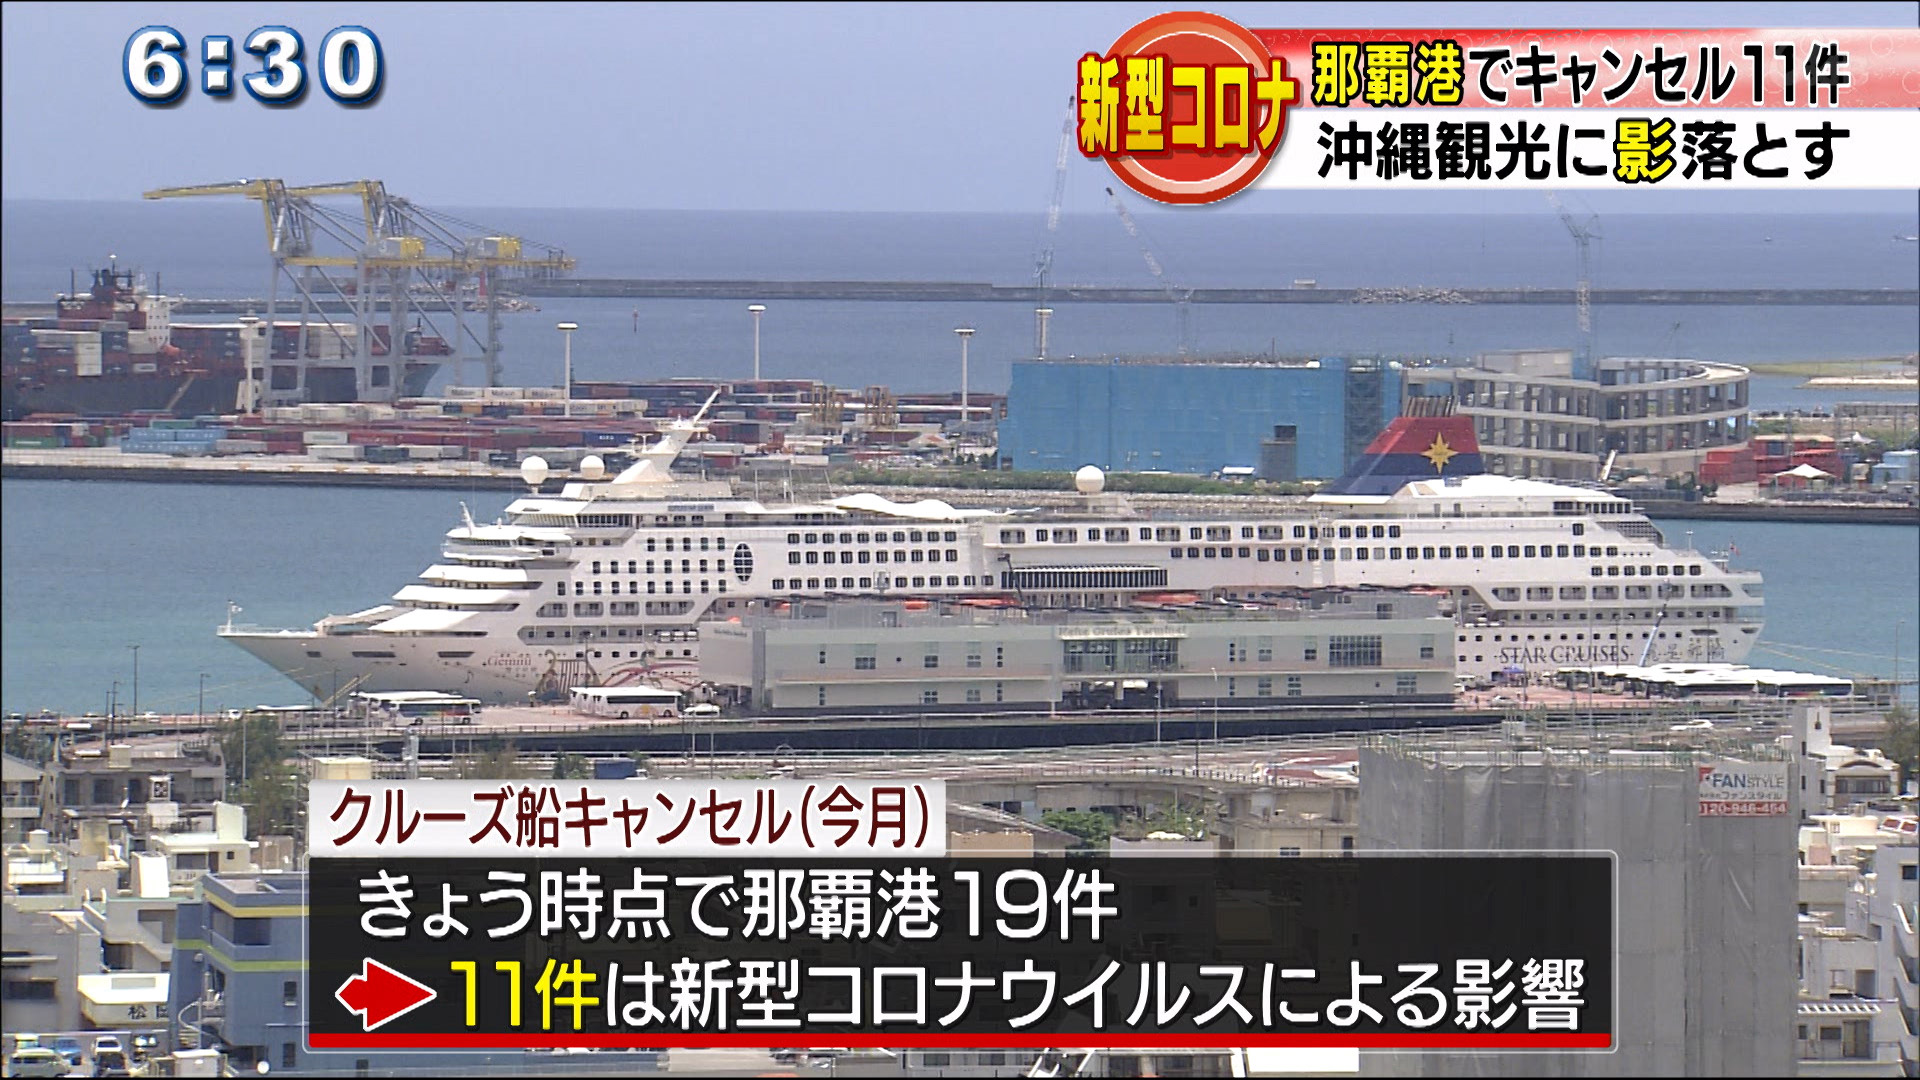 新型コロナ クルーズ船キャンセル相次ぐ